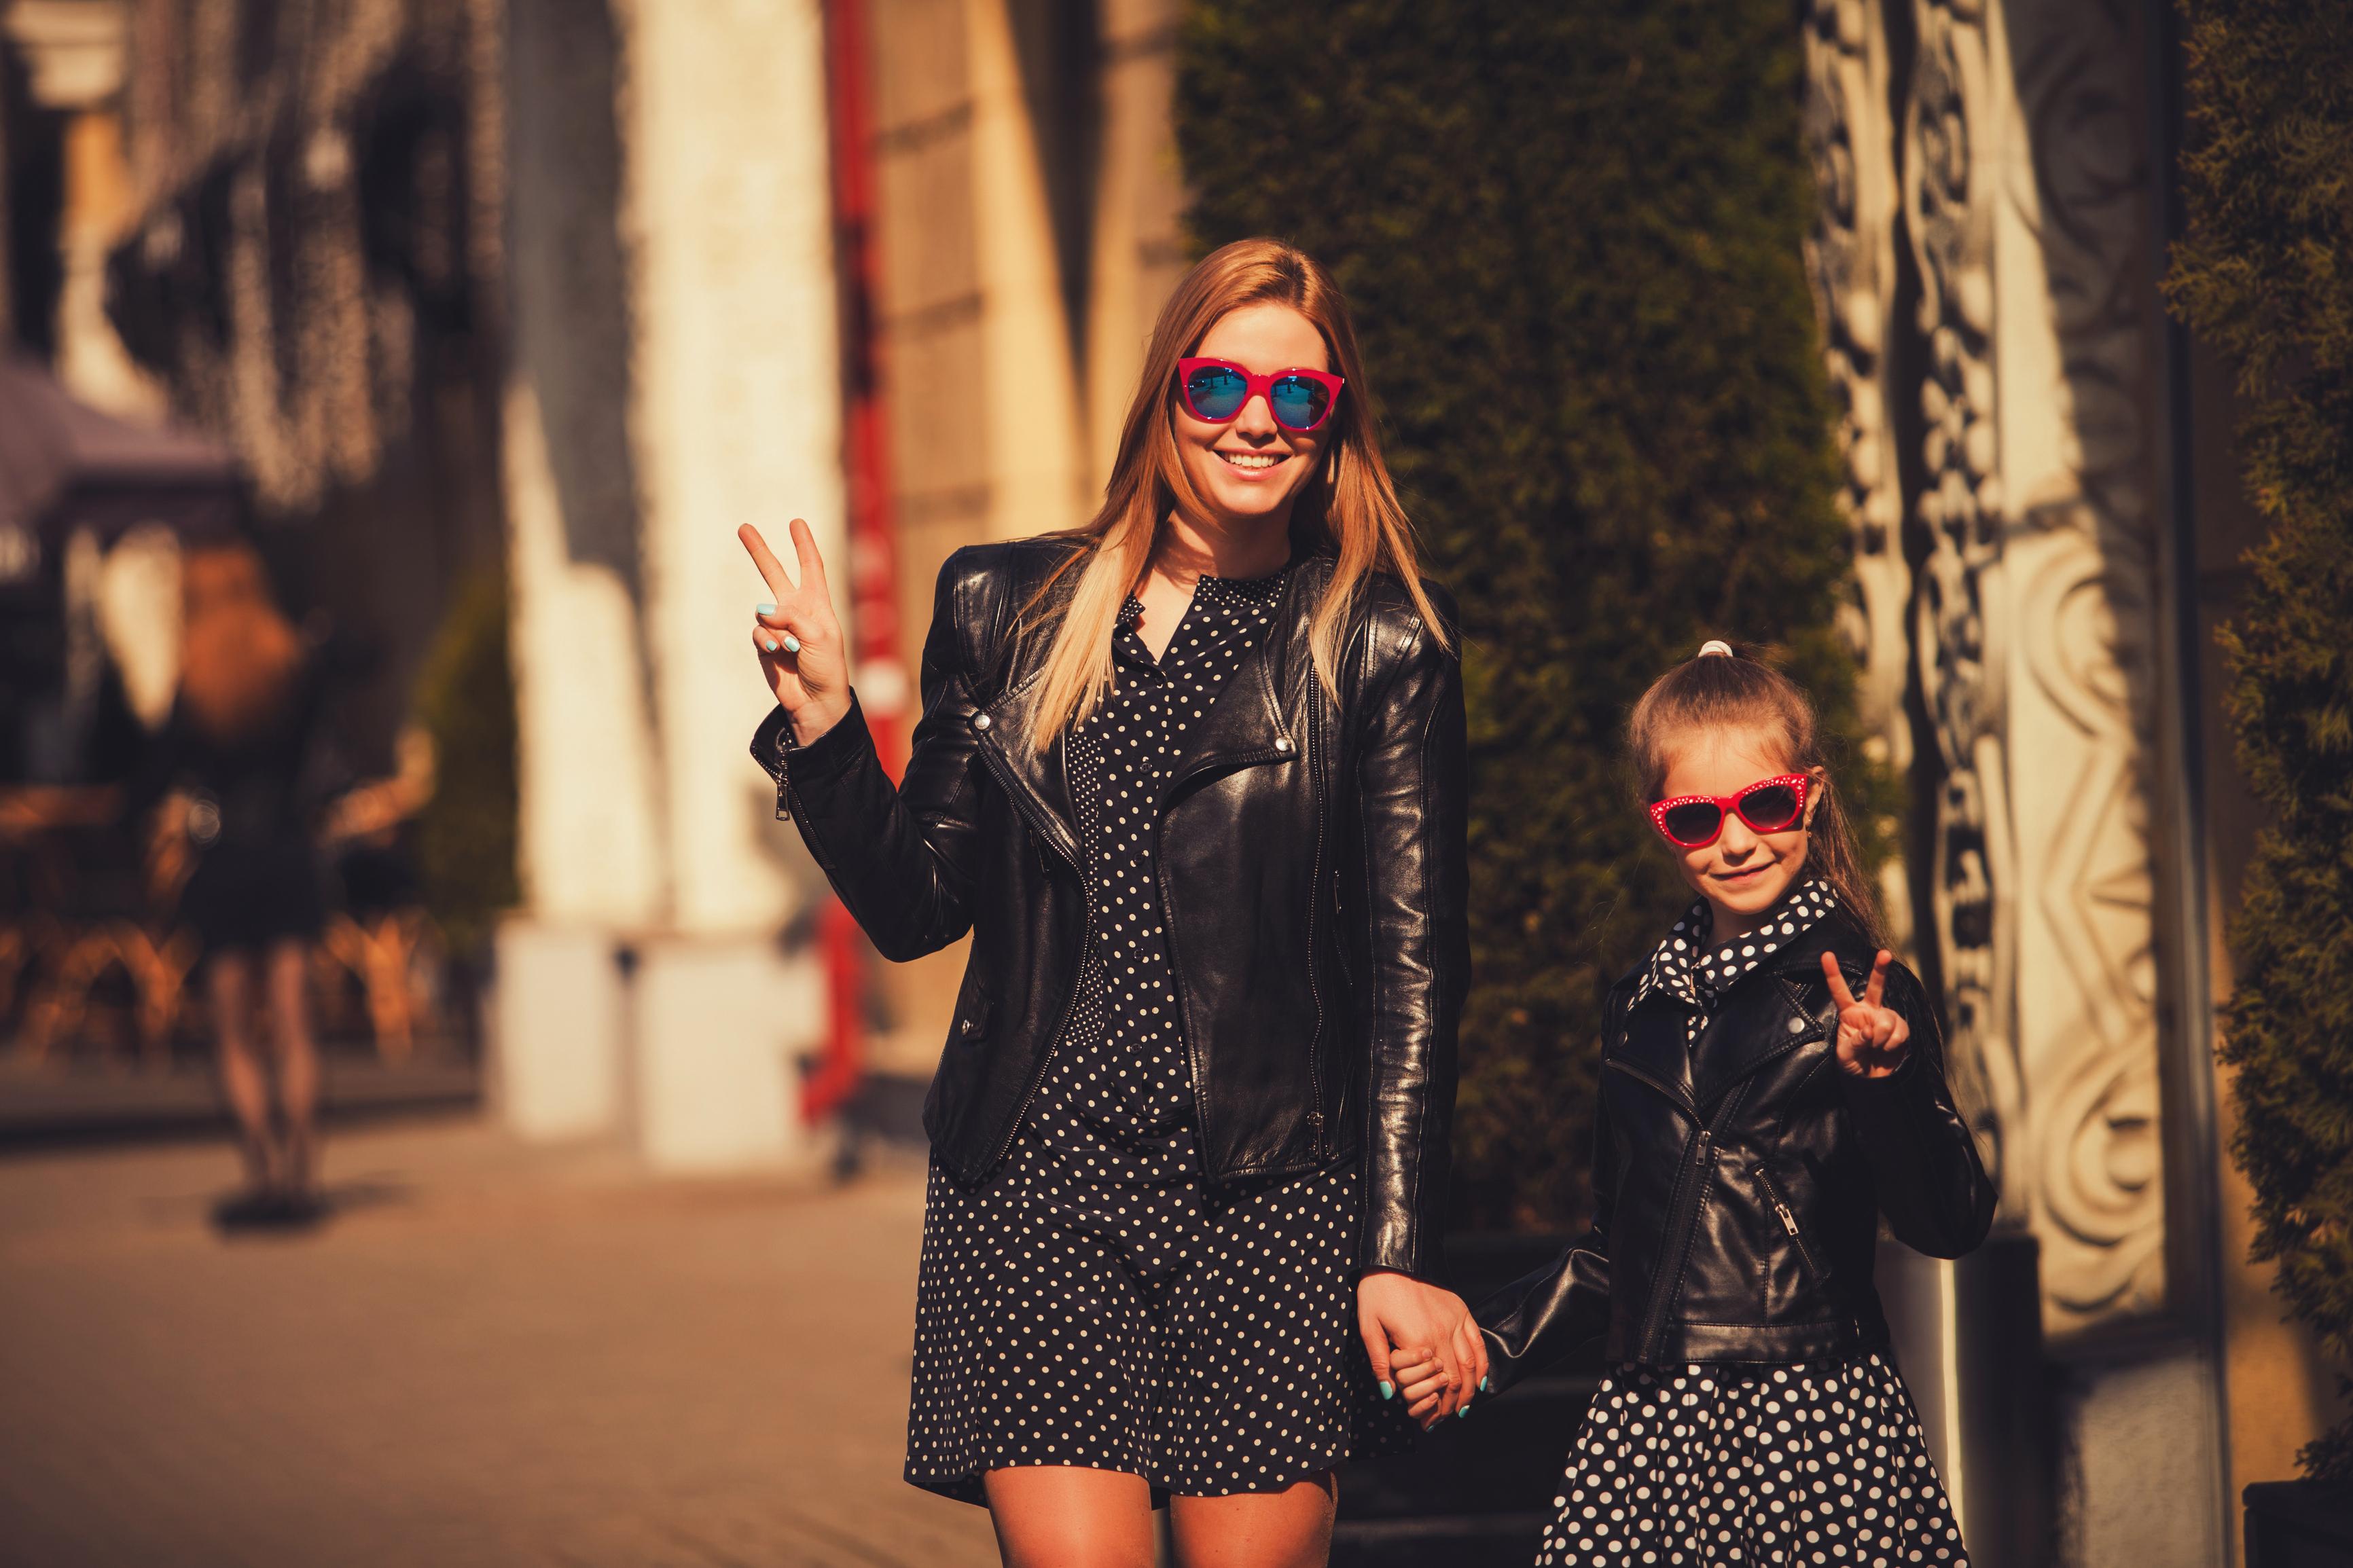 Időtálló ruhadarabok a női és a lányos divatban - Kapszula gardrób